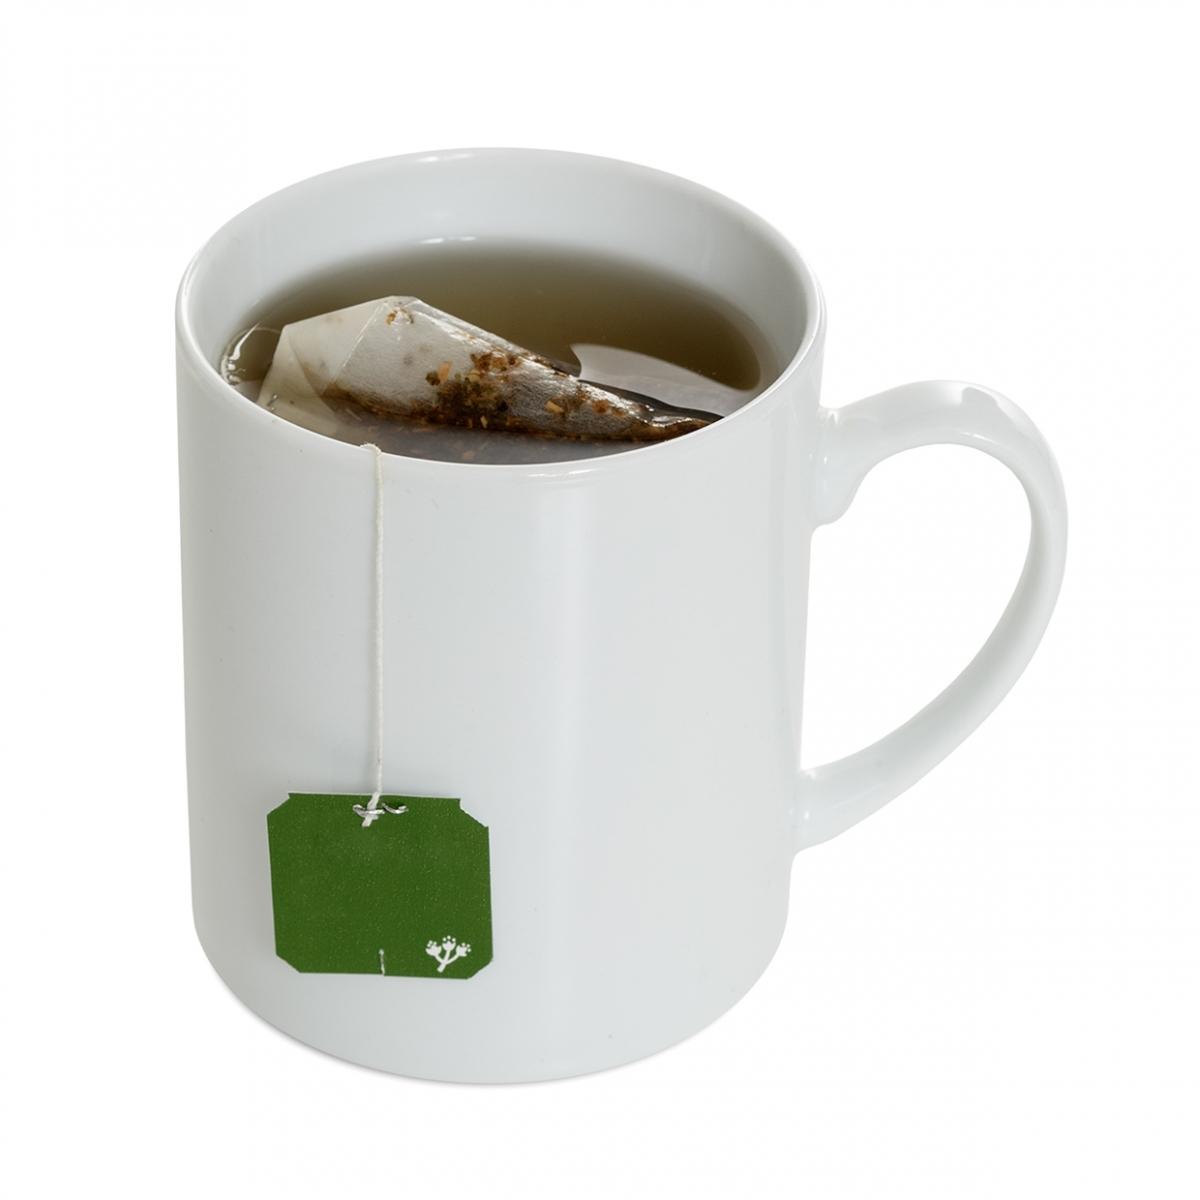 Imagen en la que se ve una taza con una infusión